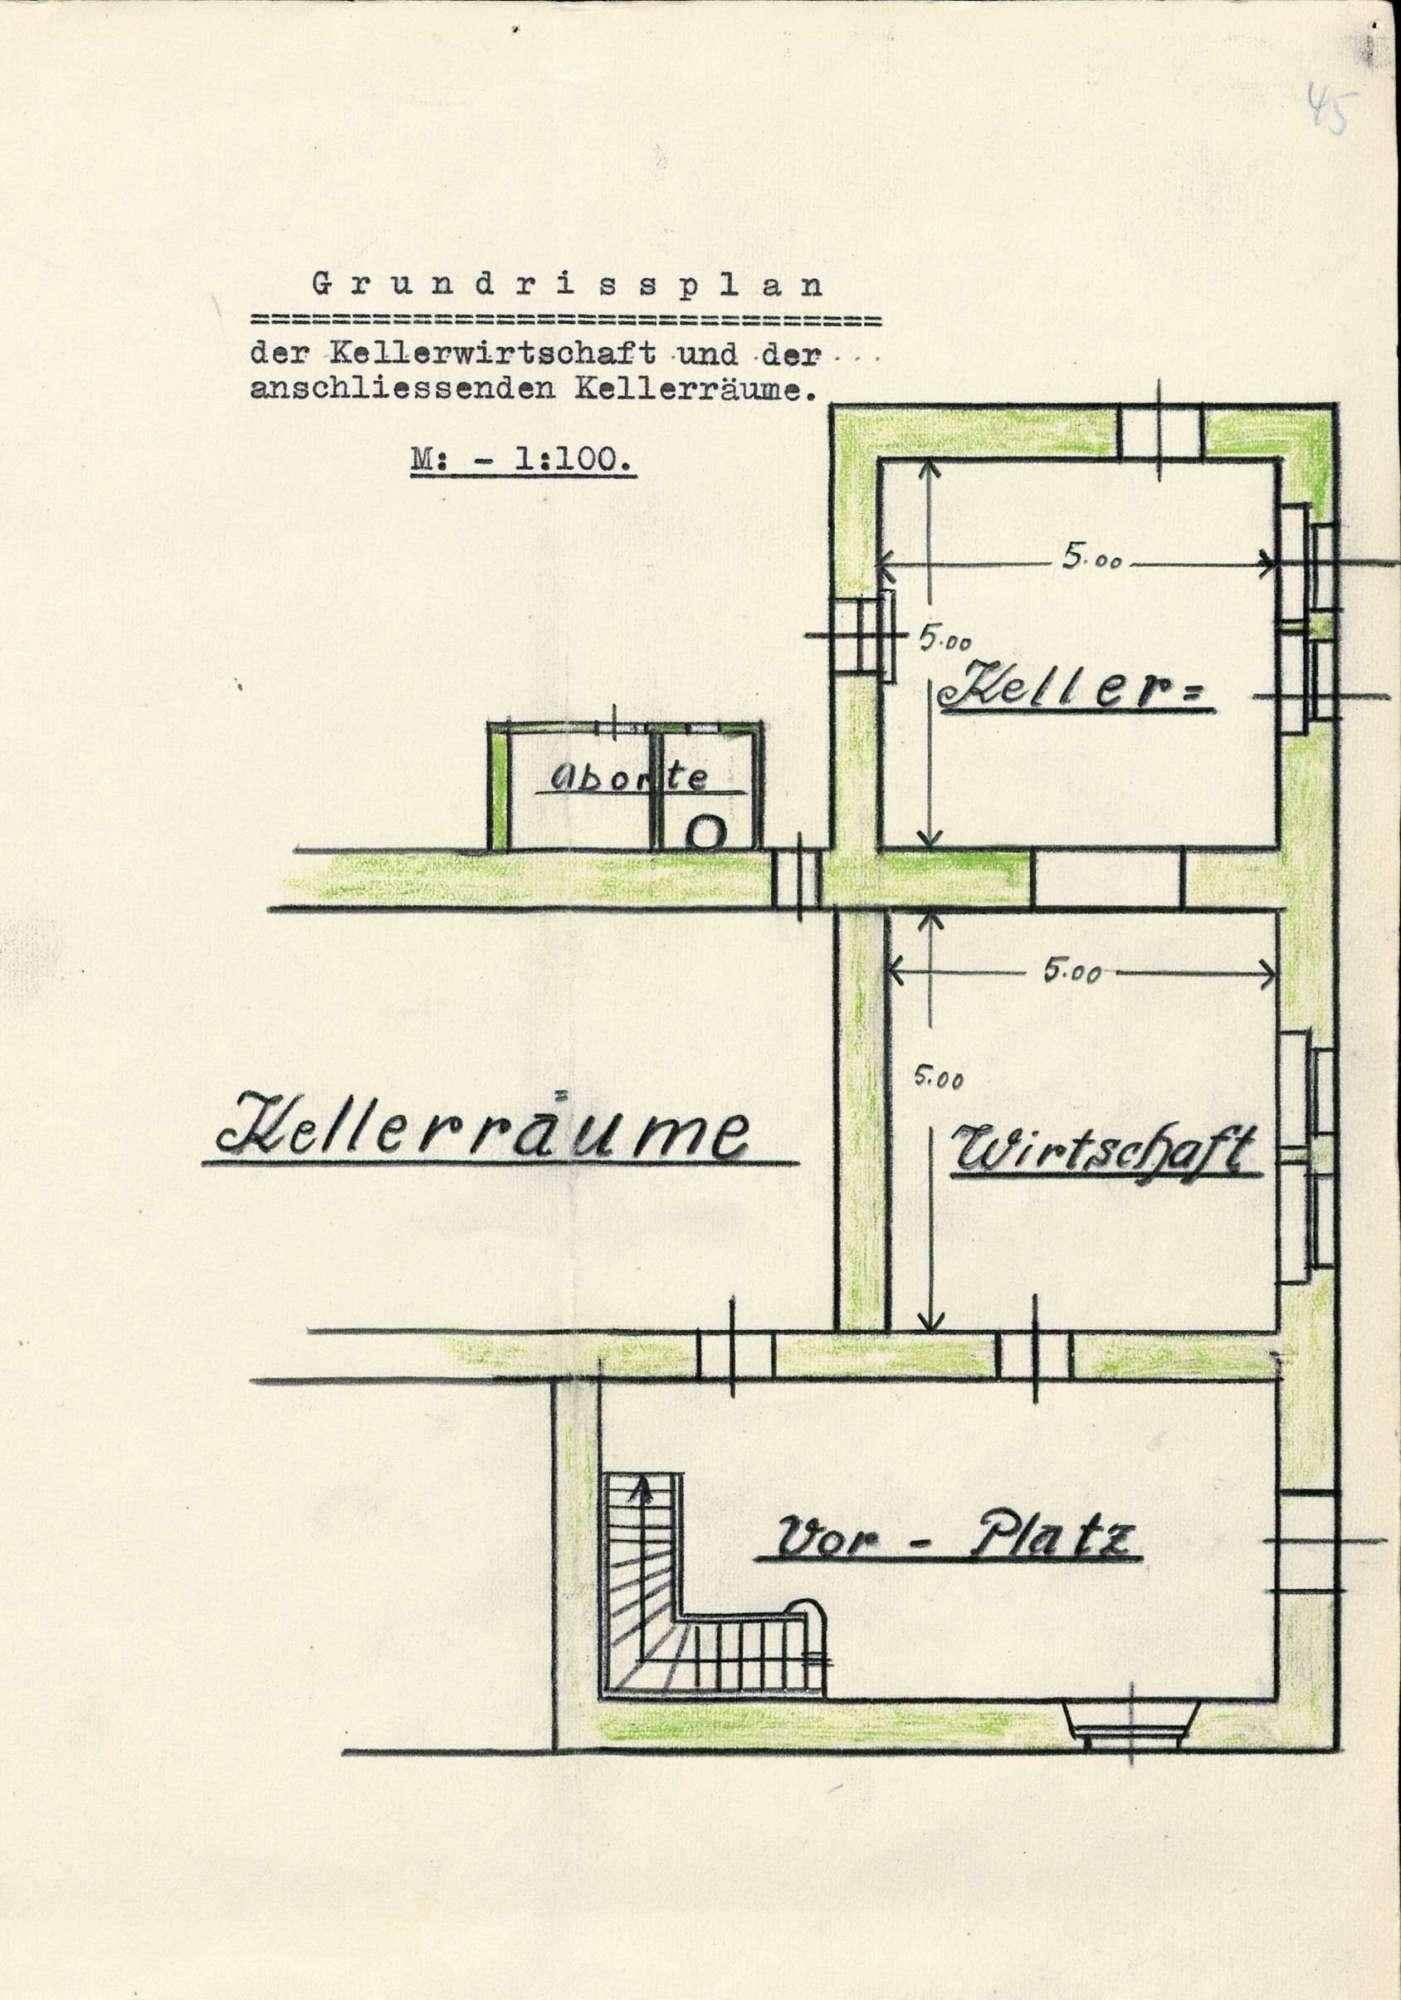 Verleihung der Wirtschaftskonzession für das Gasthaus Kloster Weitenau in Schlächtenhaus, Bild 3